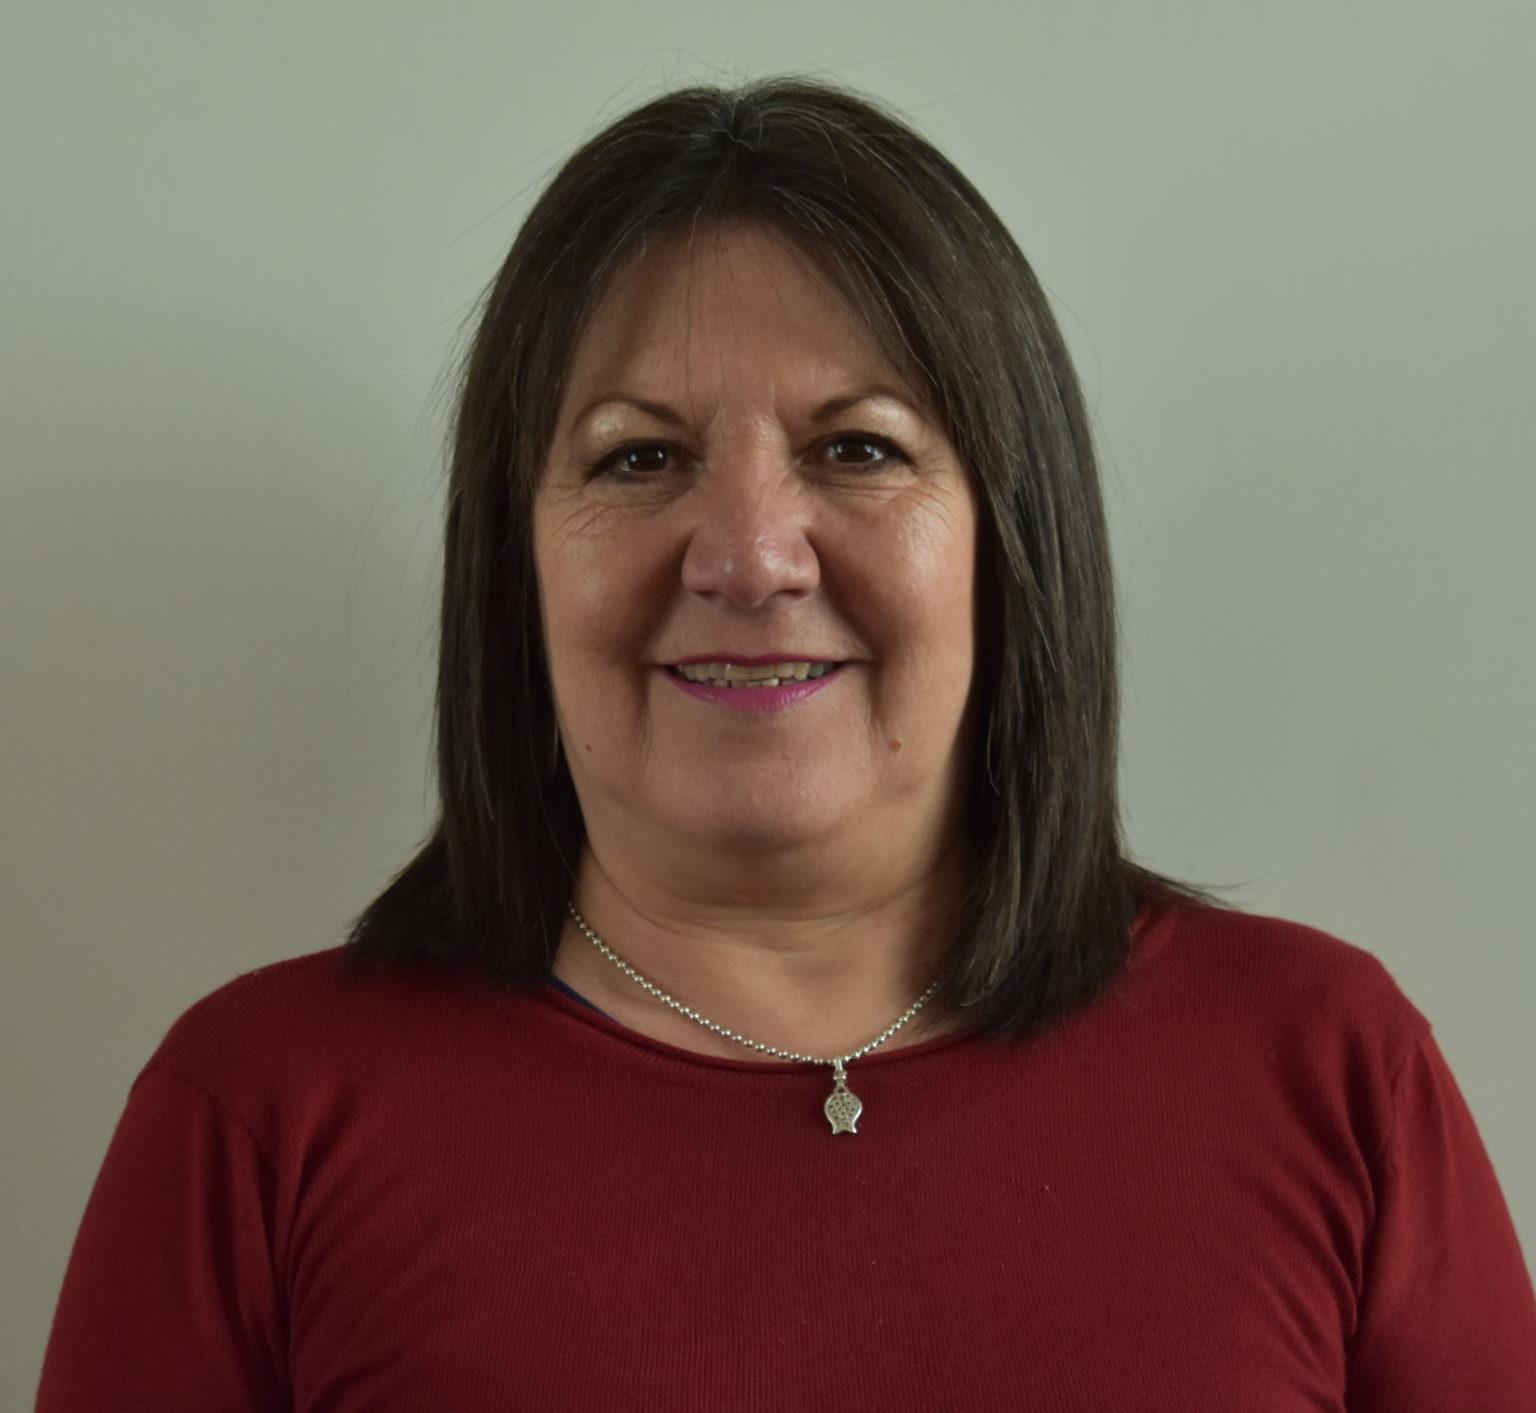 Patricia Sepulveda